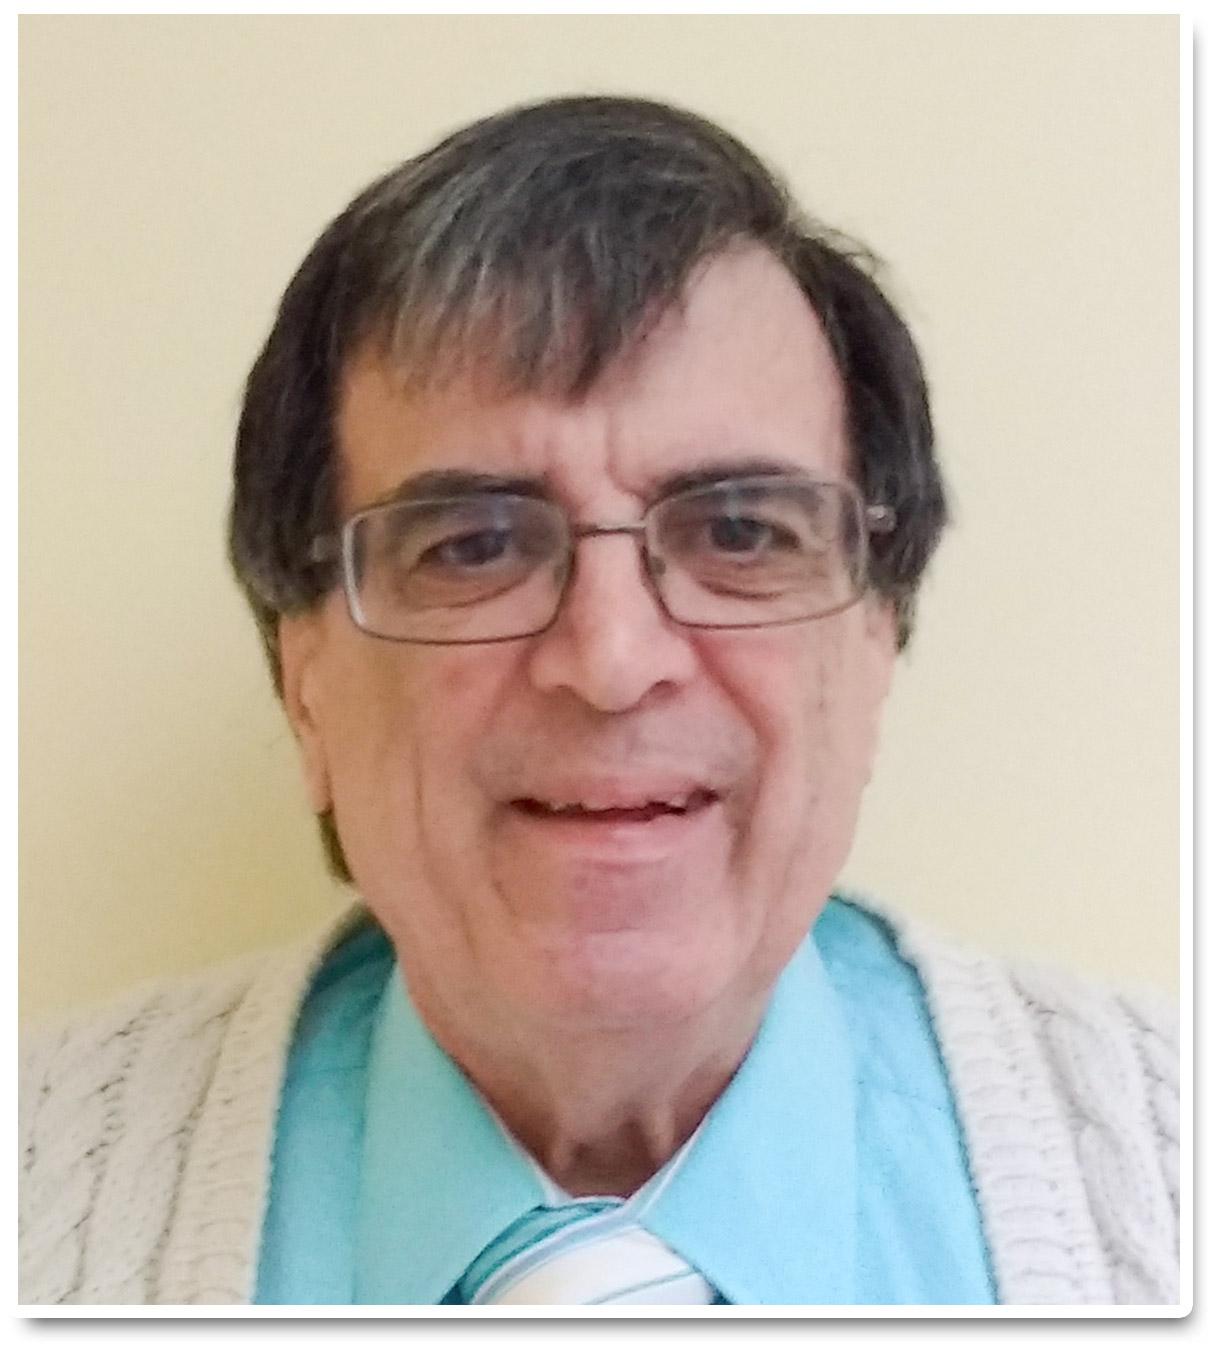 Dr. John Boncheff